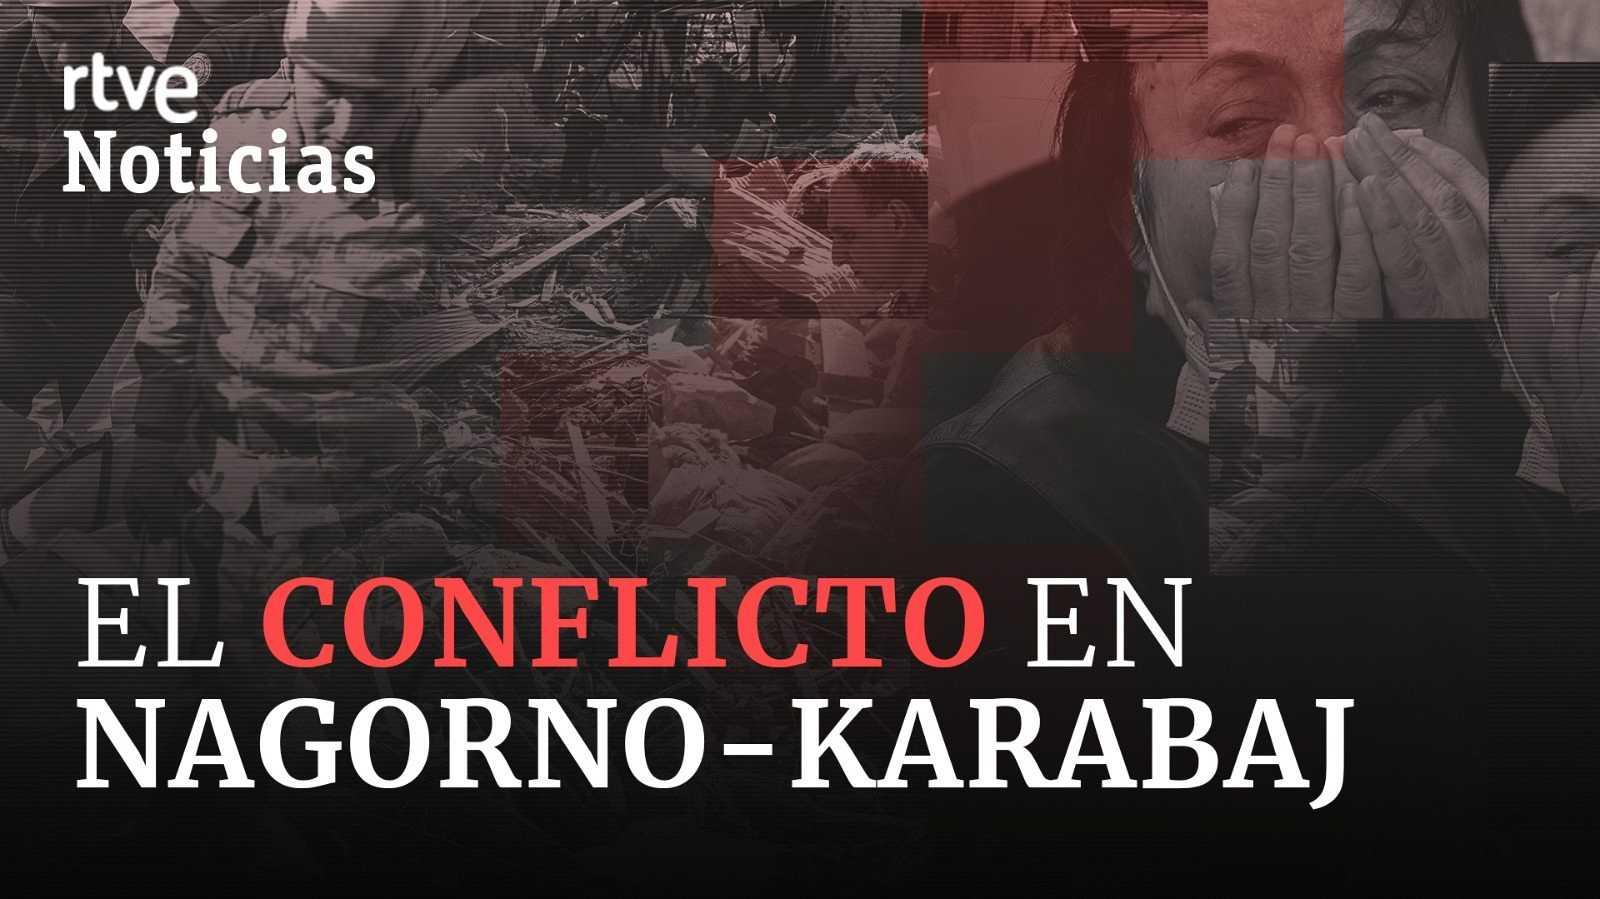 Las claves del conflicto en Nagorno-Karabaj